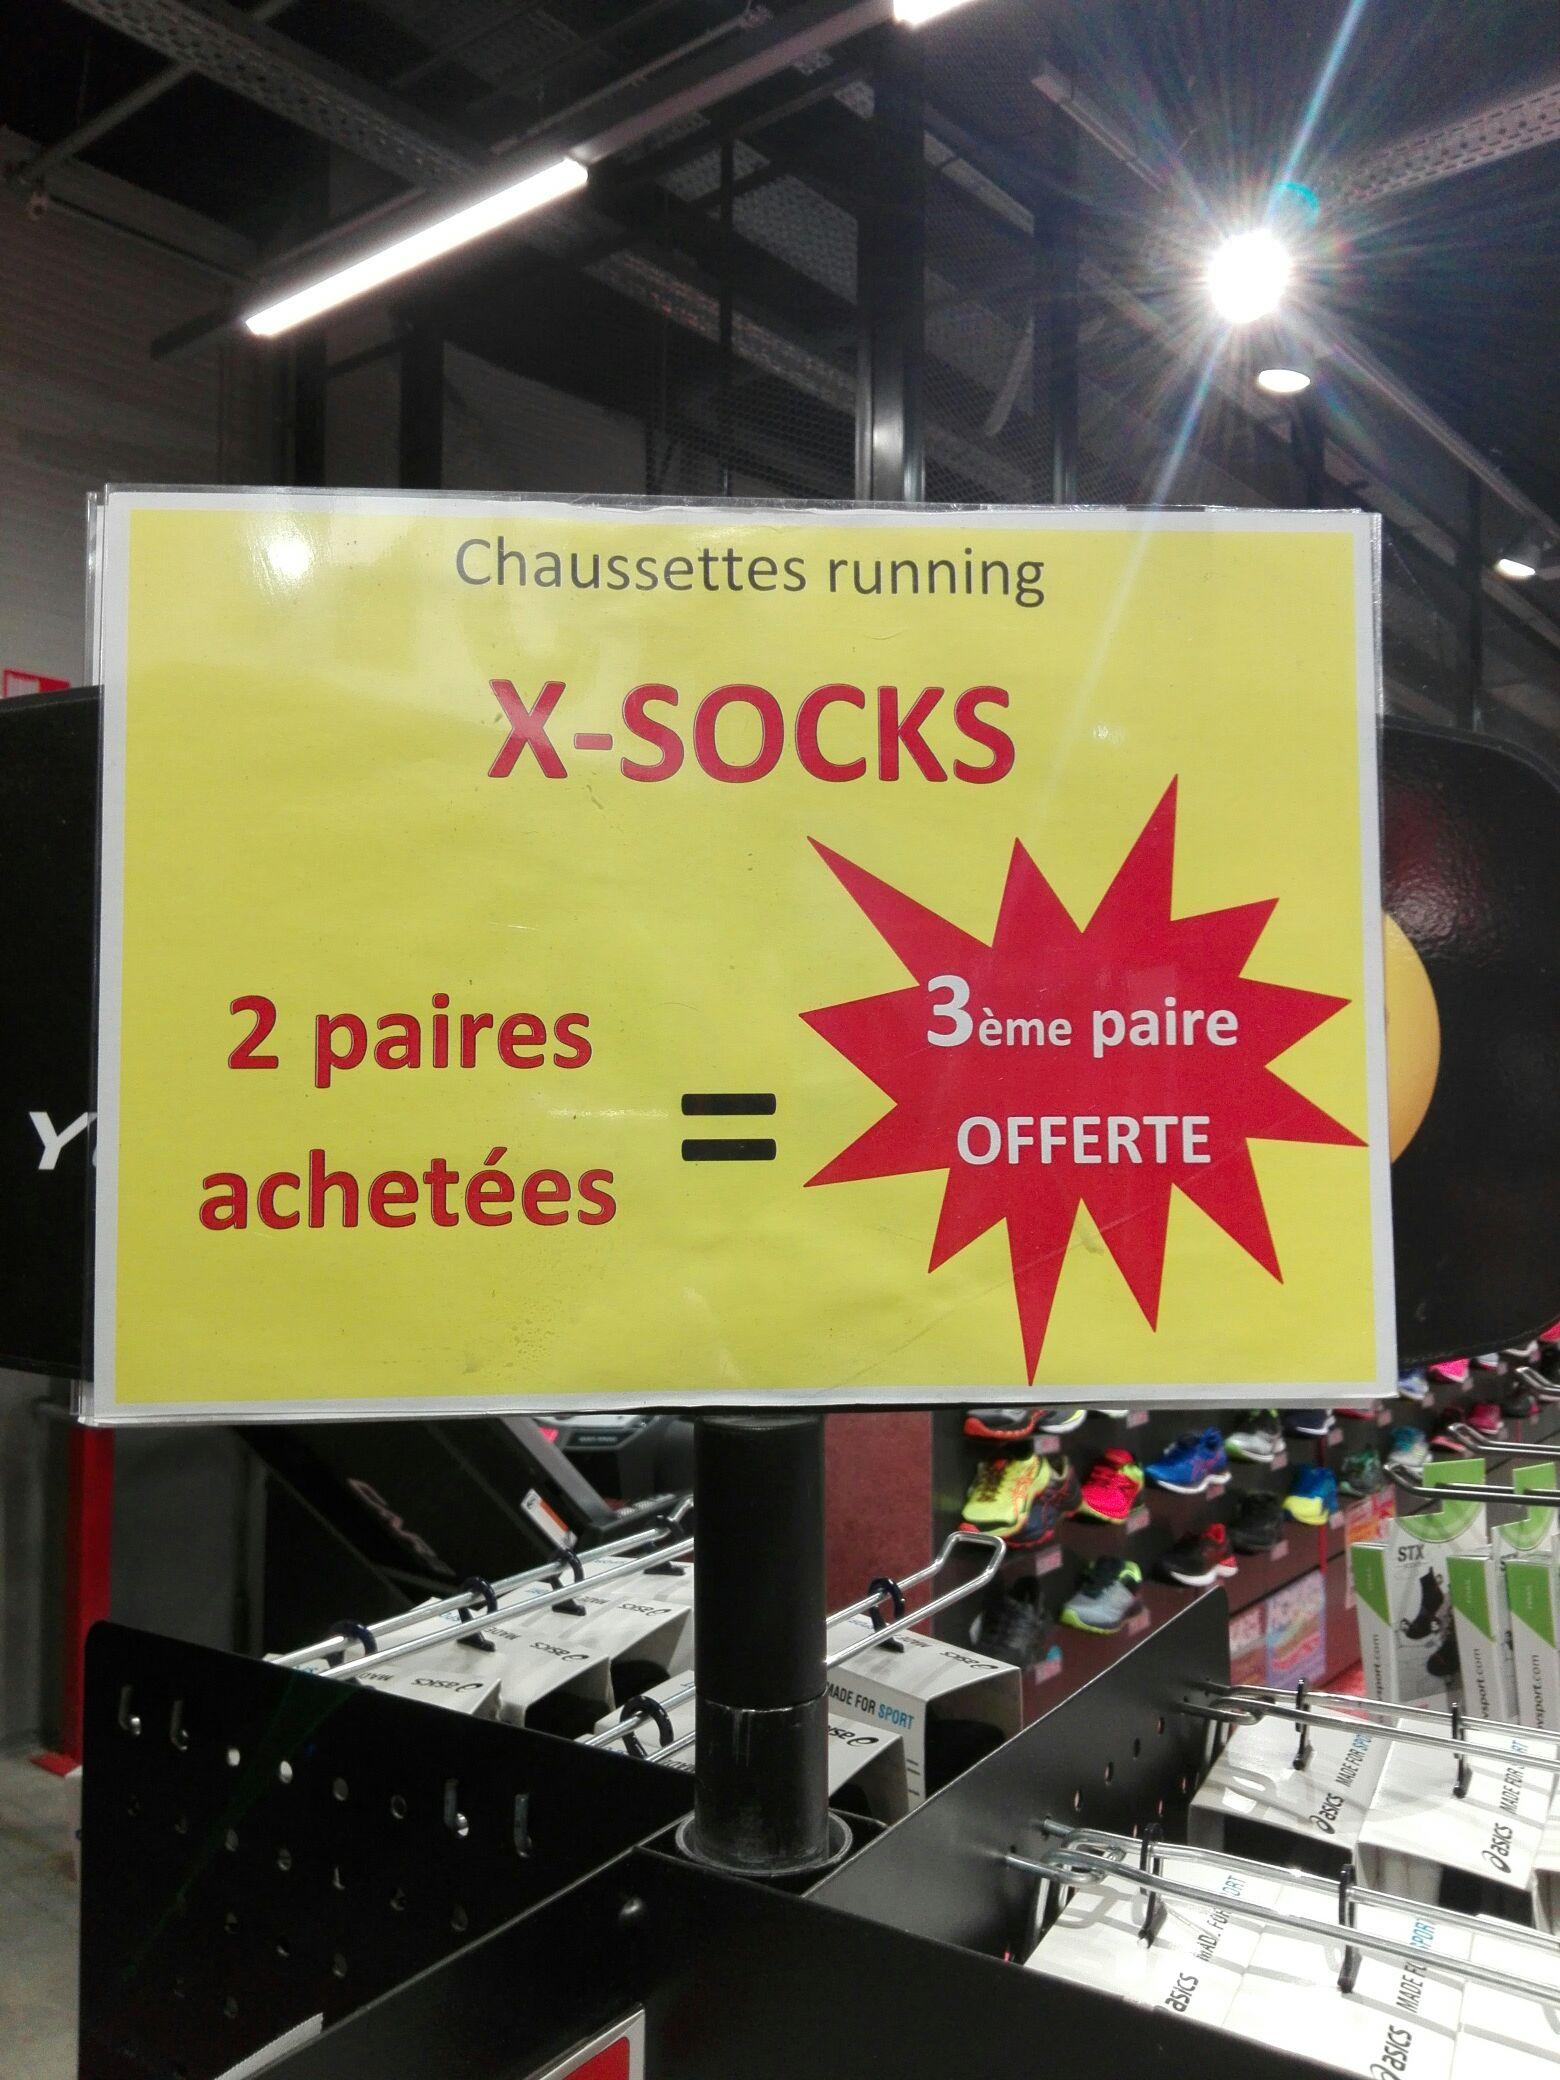 2 paires de chaussettes running X-socks achetées = la 3ème offerte - Langon (33)